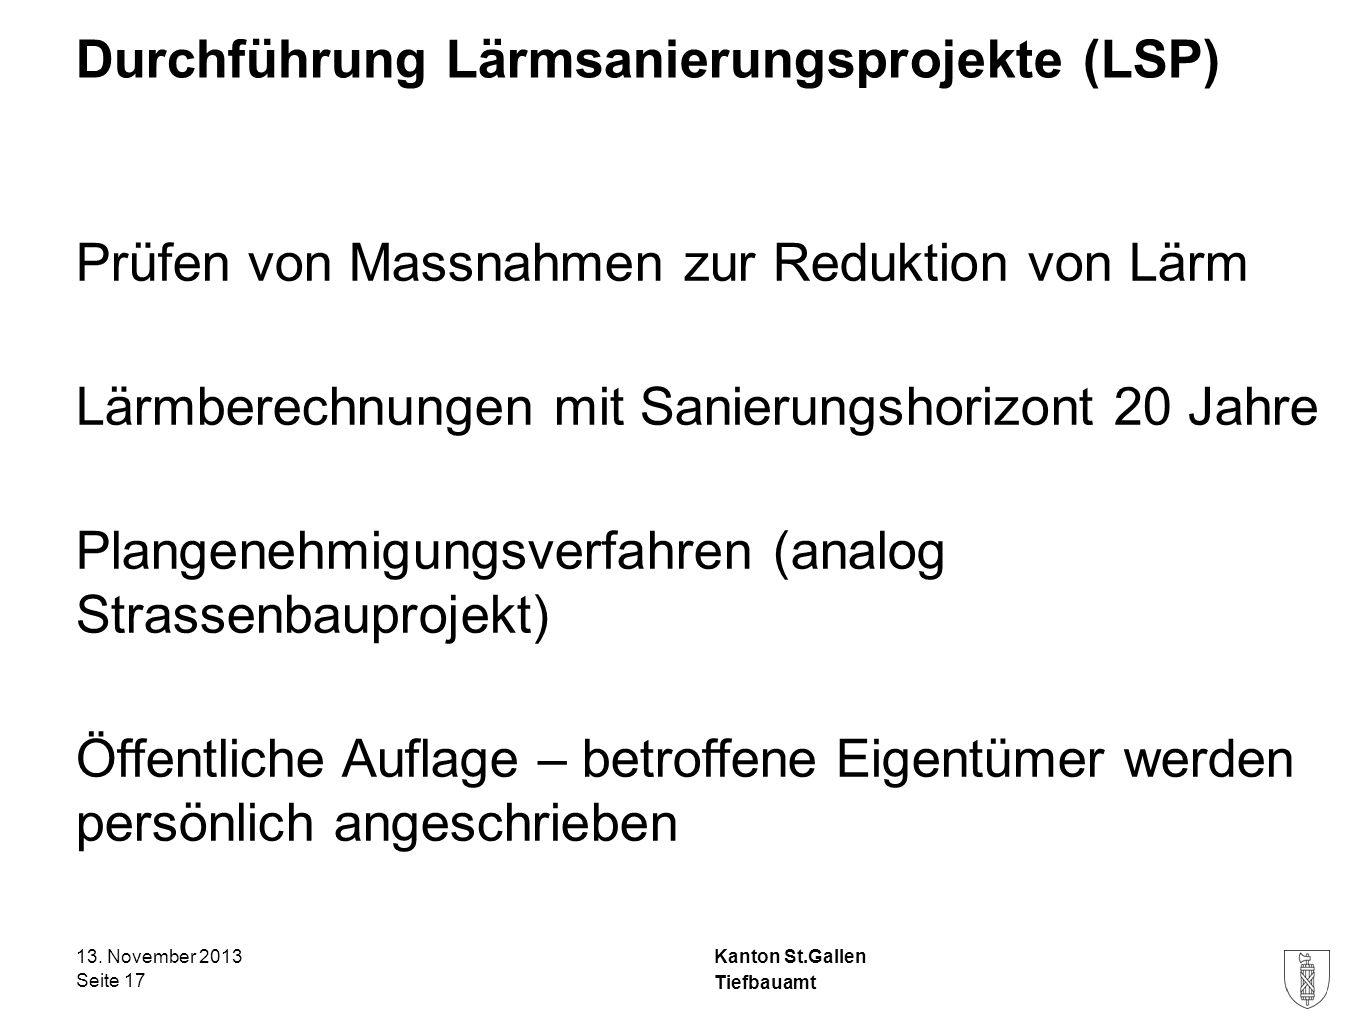 Durchführung Lärmsanierungsprojekte (LSP)